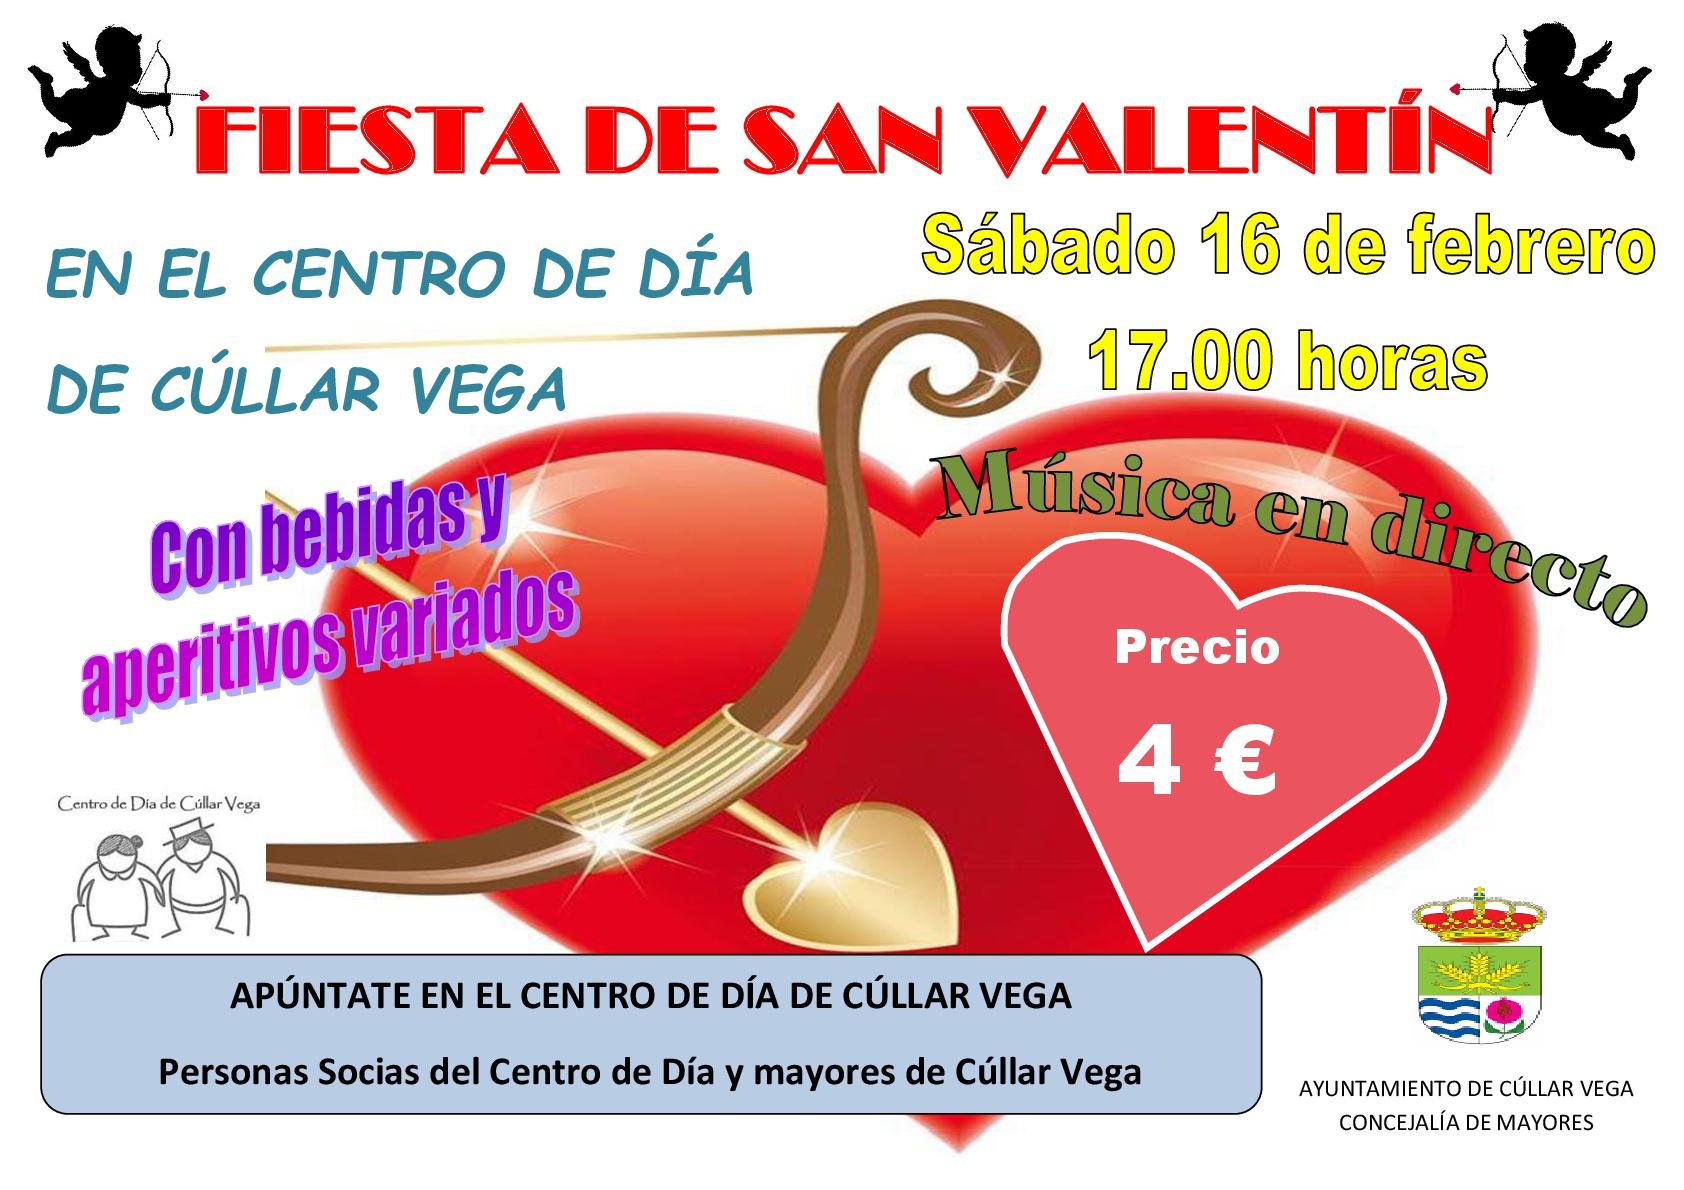 Fiesta de San Valentín en el Centro de Día de Cúllar Vega